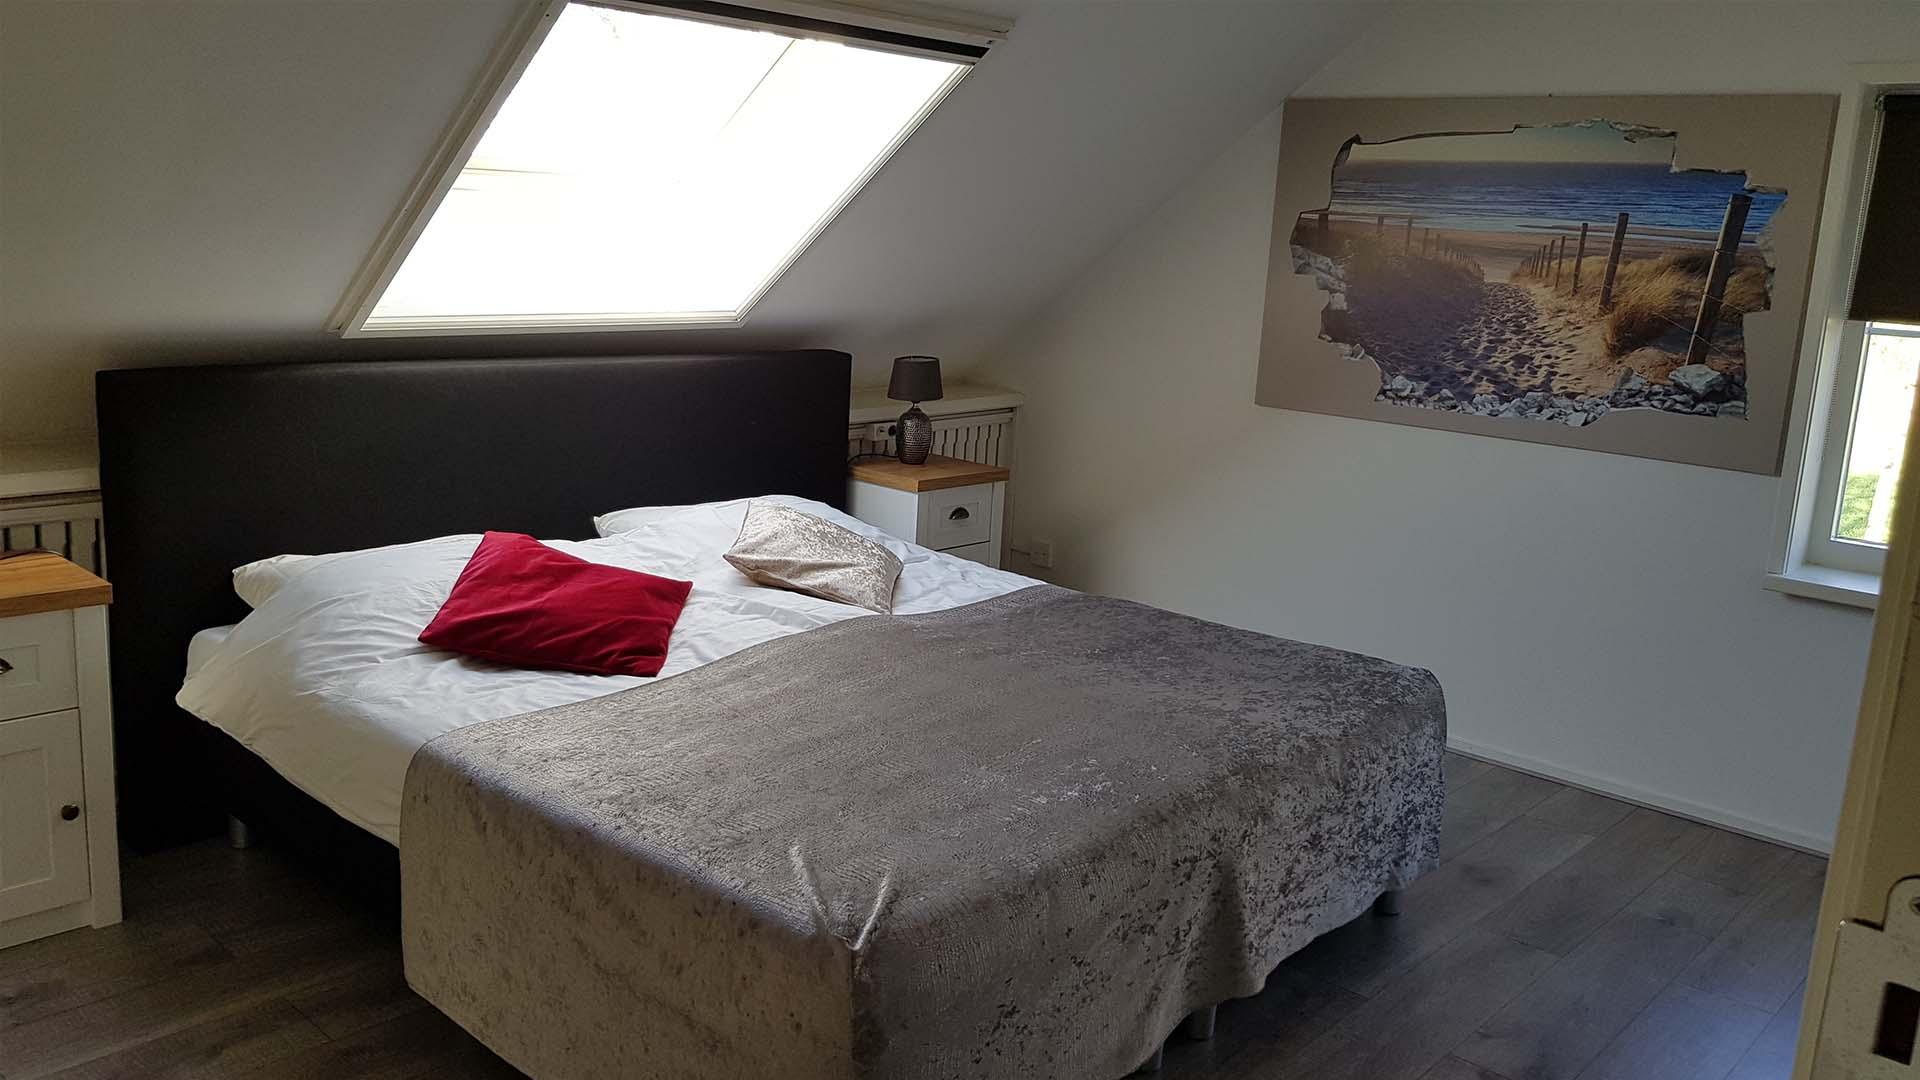 kamer 1 bed B&B Plompetorenzicht Burg-Haamstede Zeeland